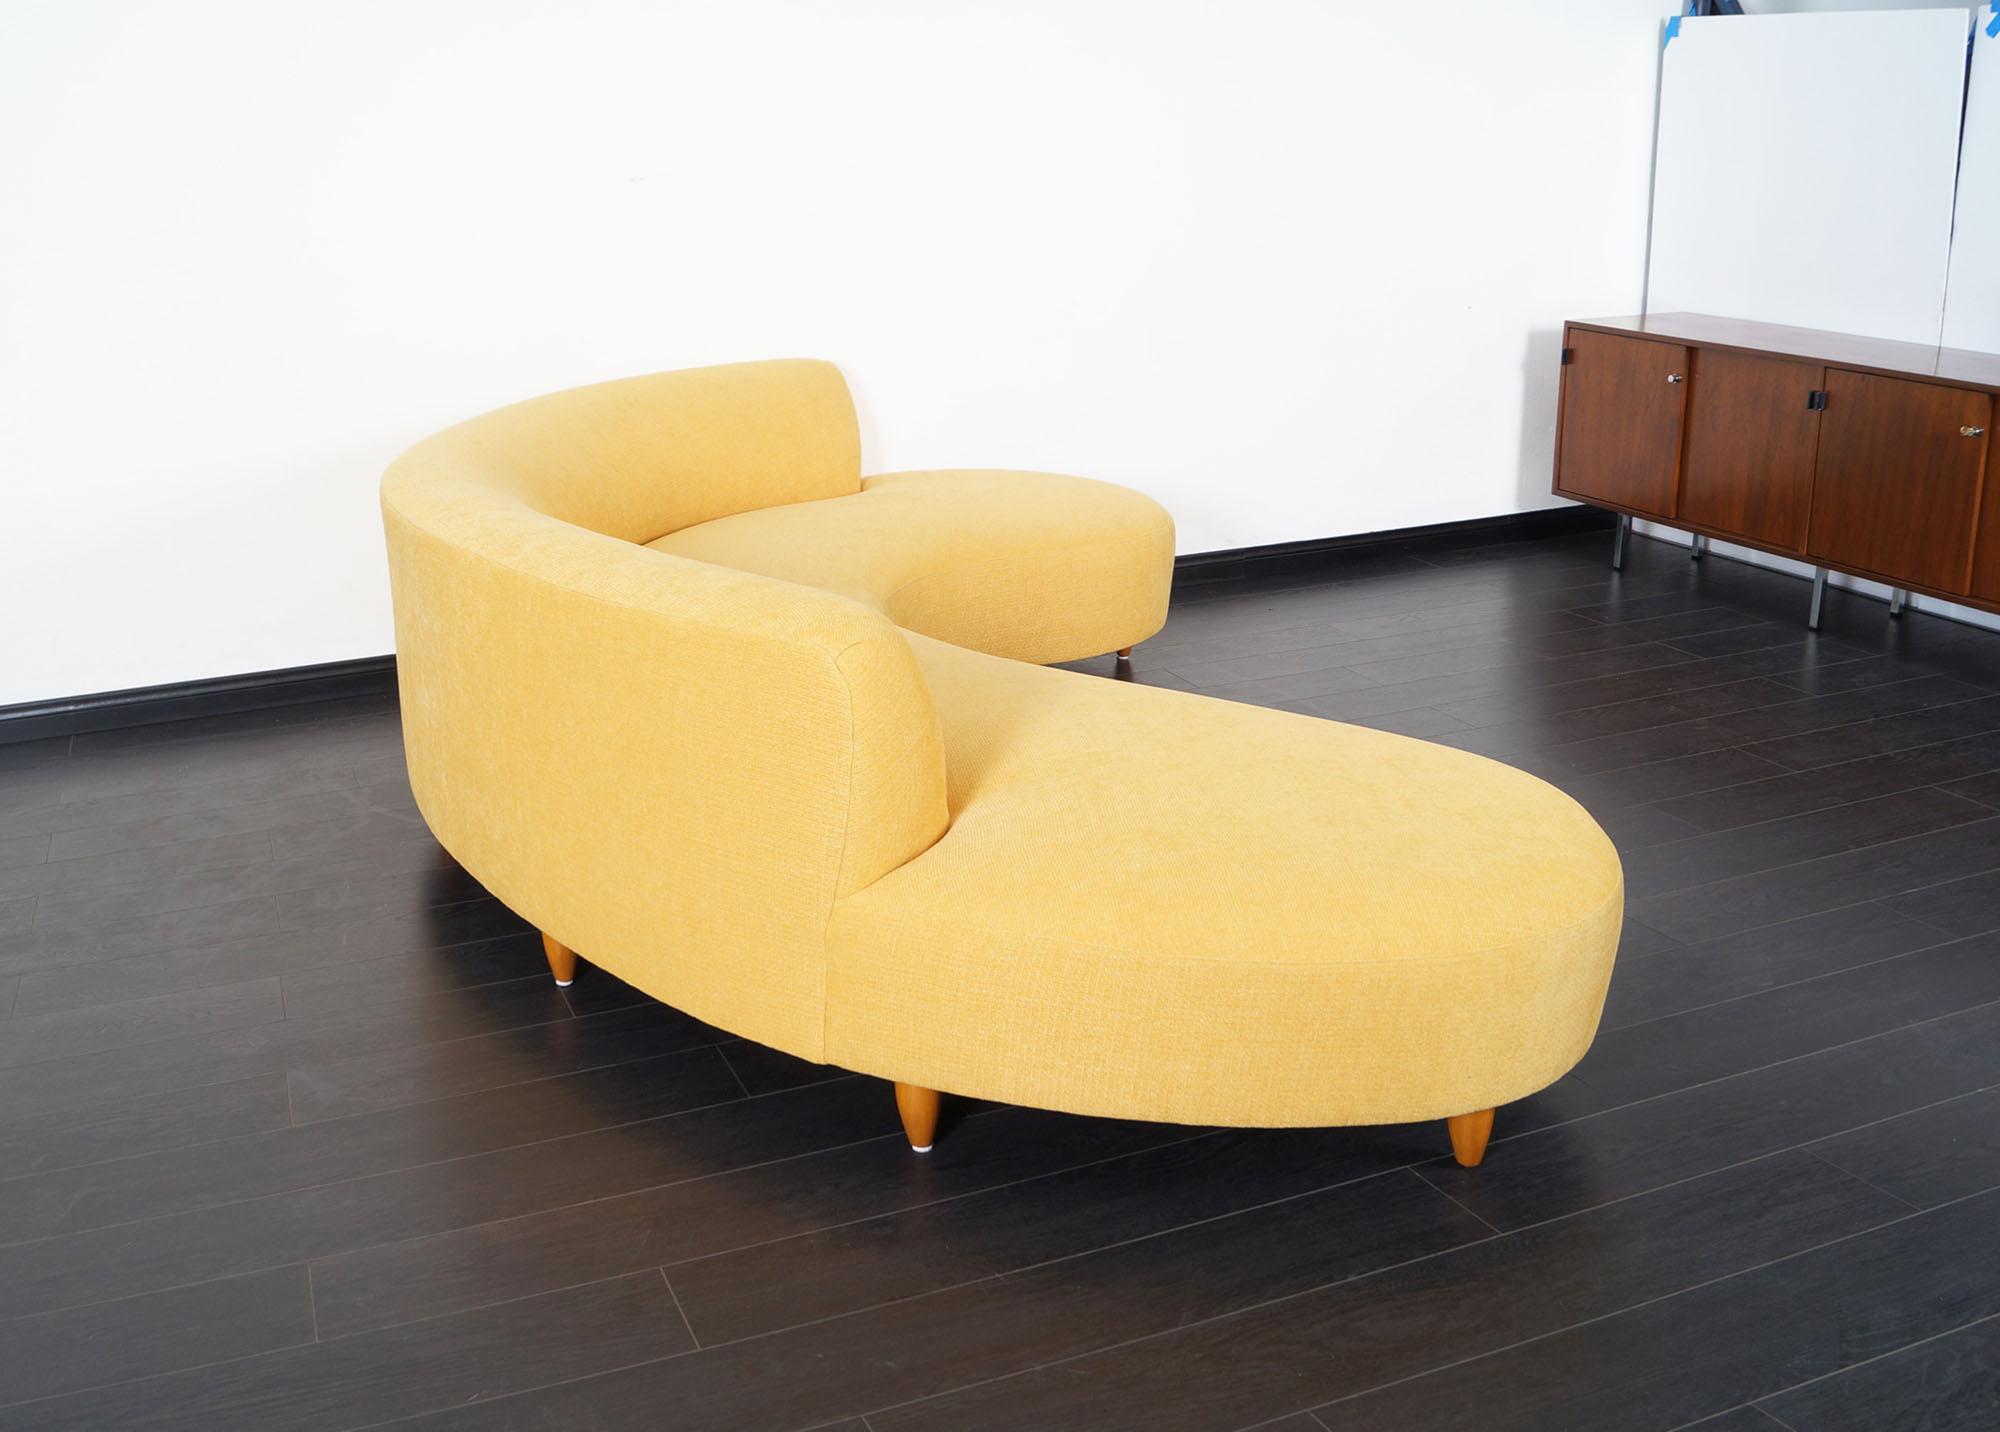 Vintage Serpentine Sofa by Vladimir Kagan